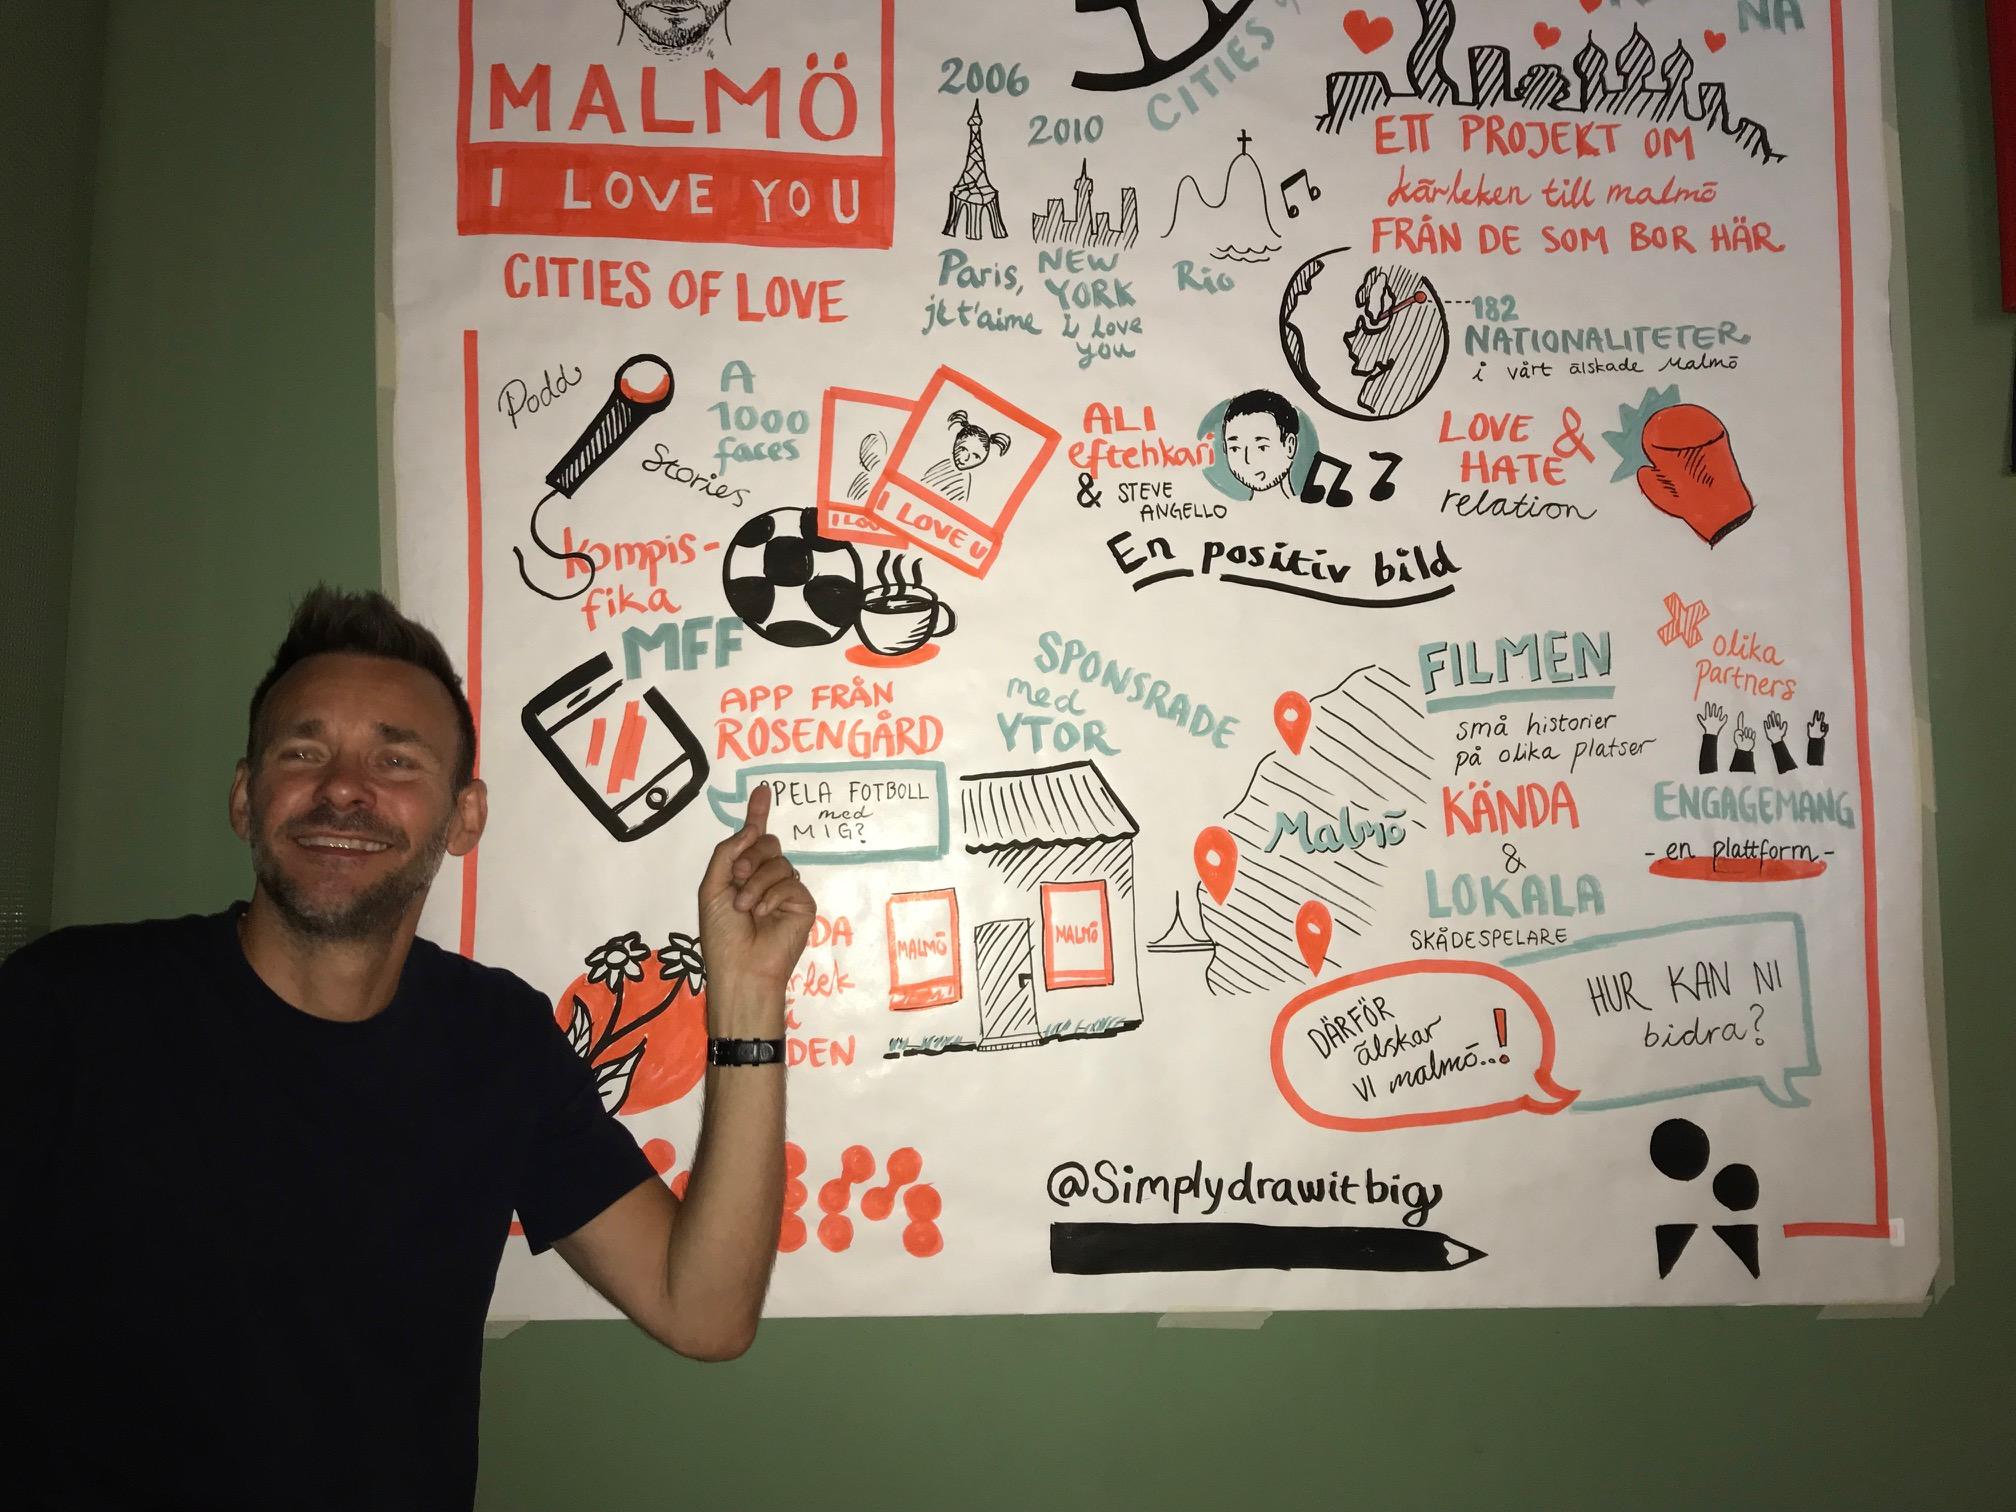 David Carlson från Malmö, I love you på vårt frukostevent 8 juni